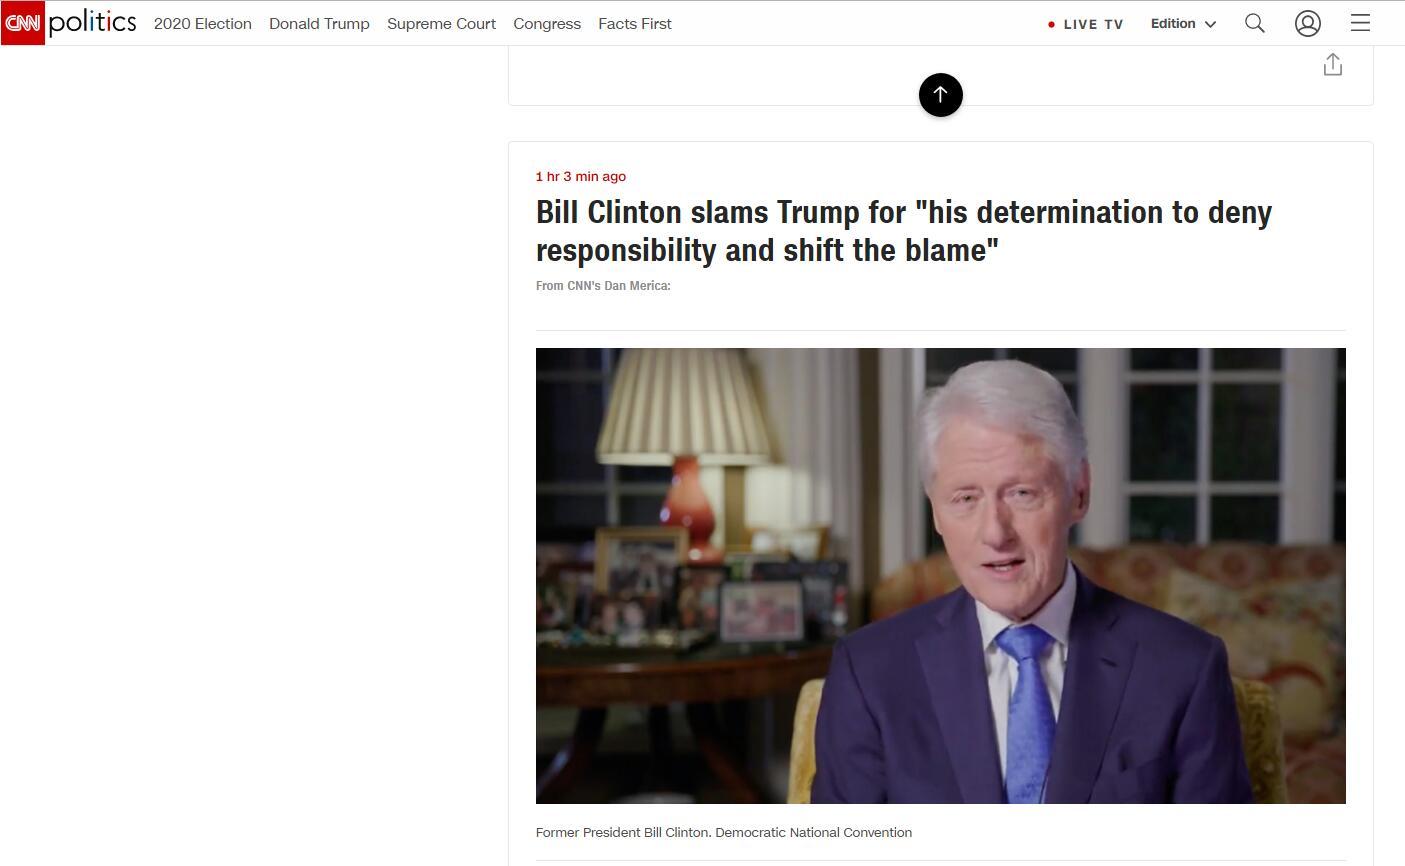 民主党全国代表大会,克林顿猛批特朗普:他一直推卸责任!